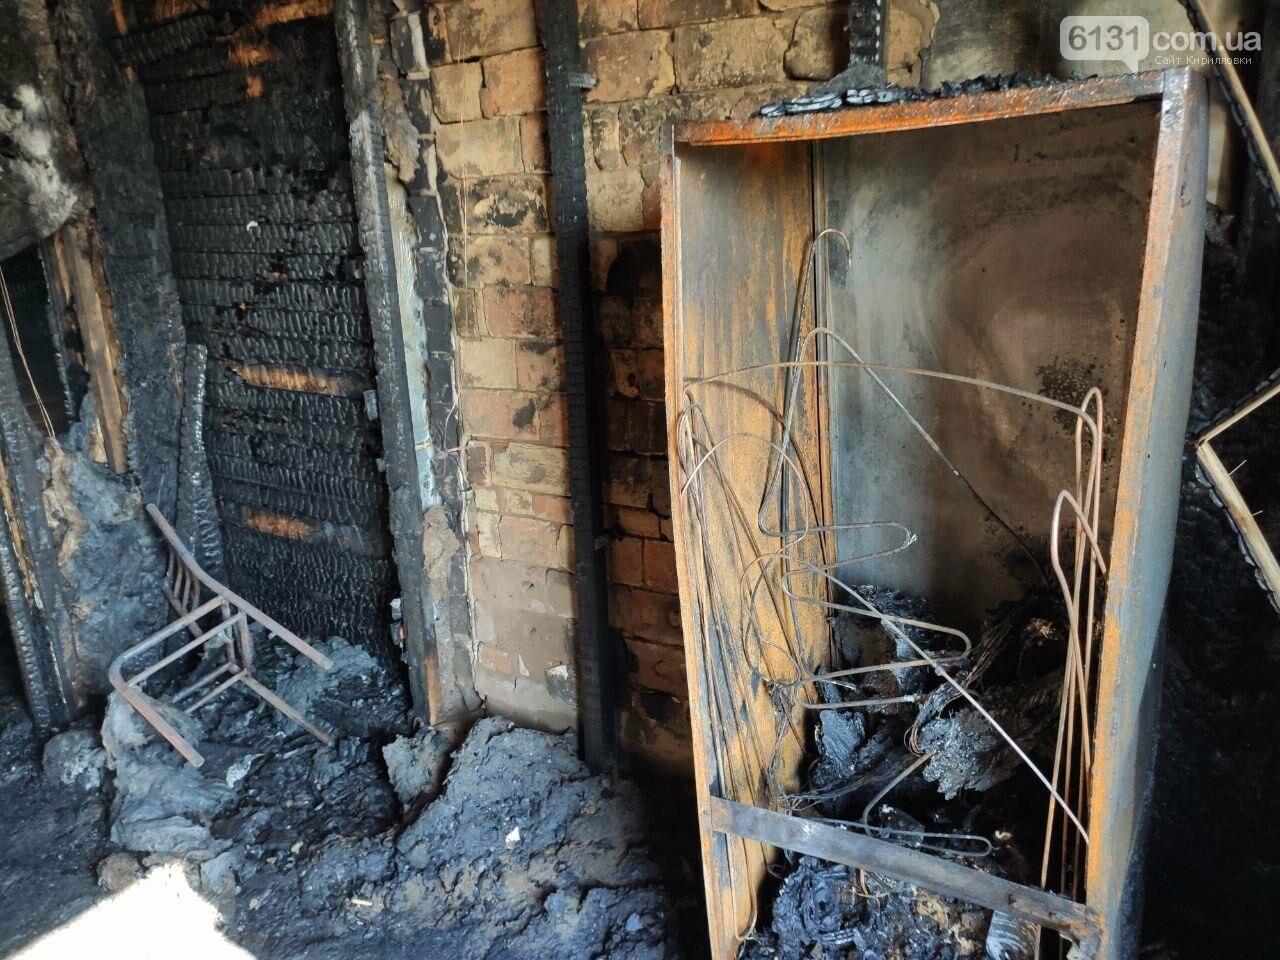 У селі Володимирівка у багатоповерхівці сталась пожежа: травми зазнала жінка, фото-1